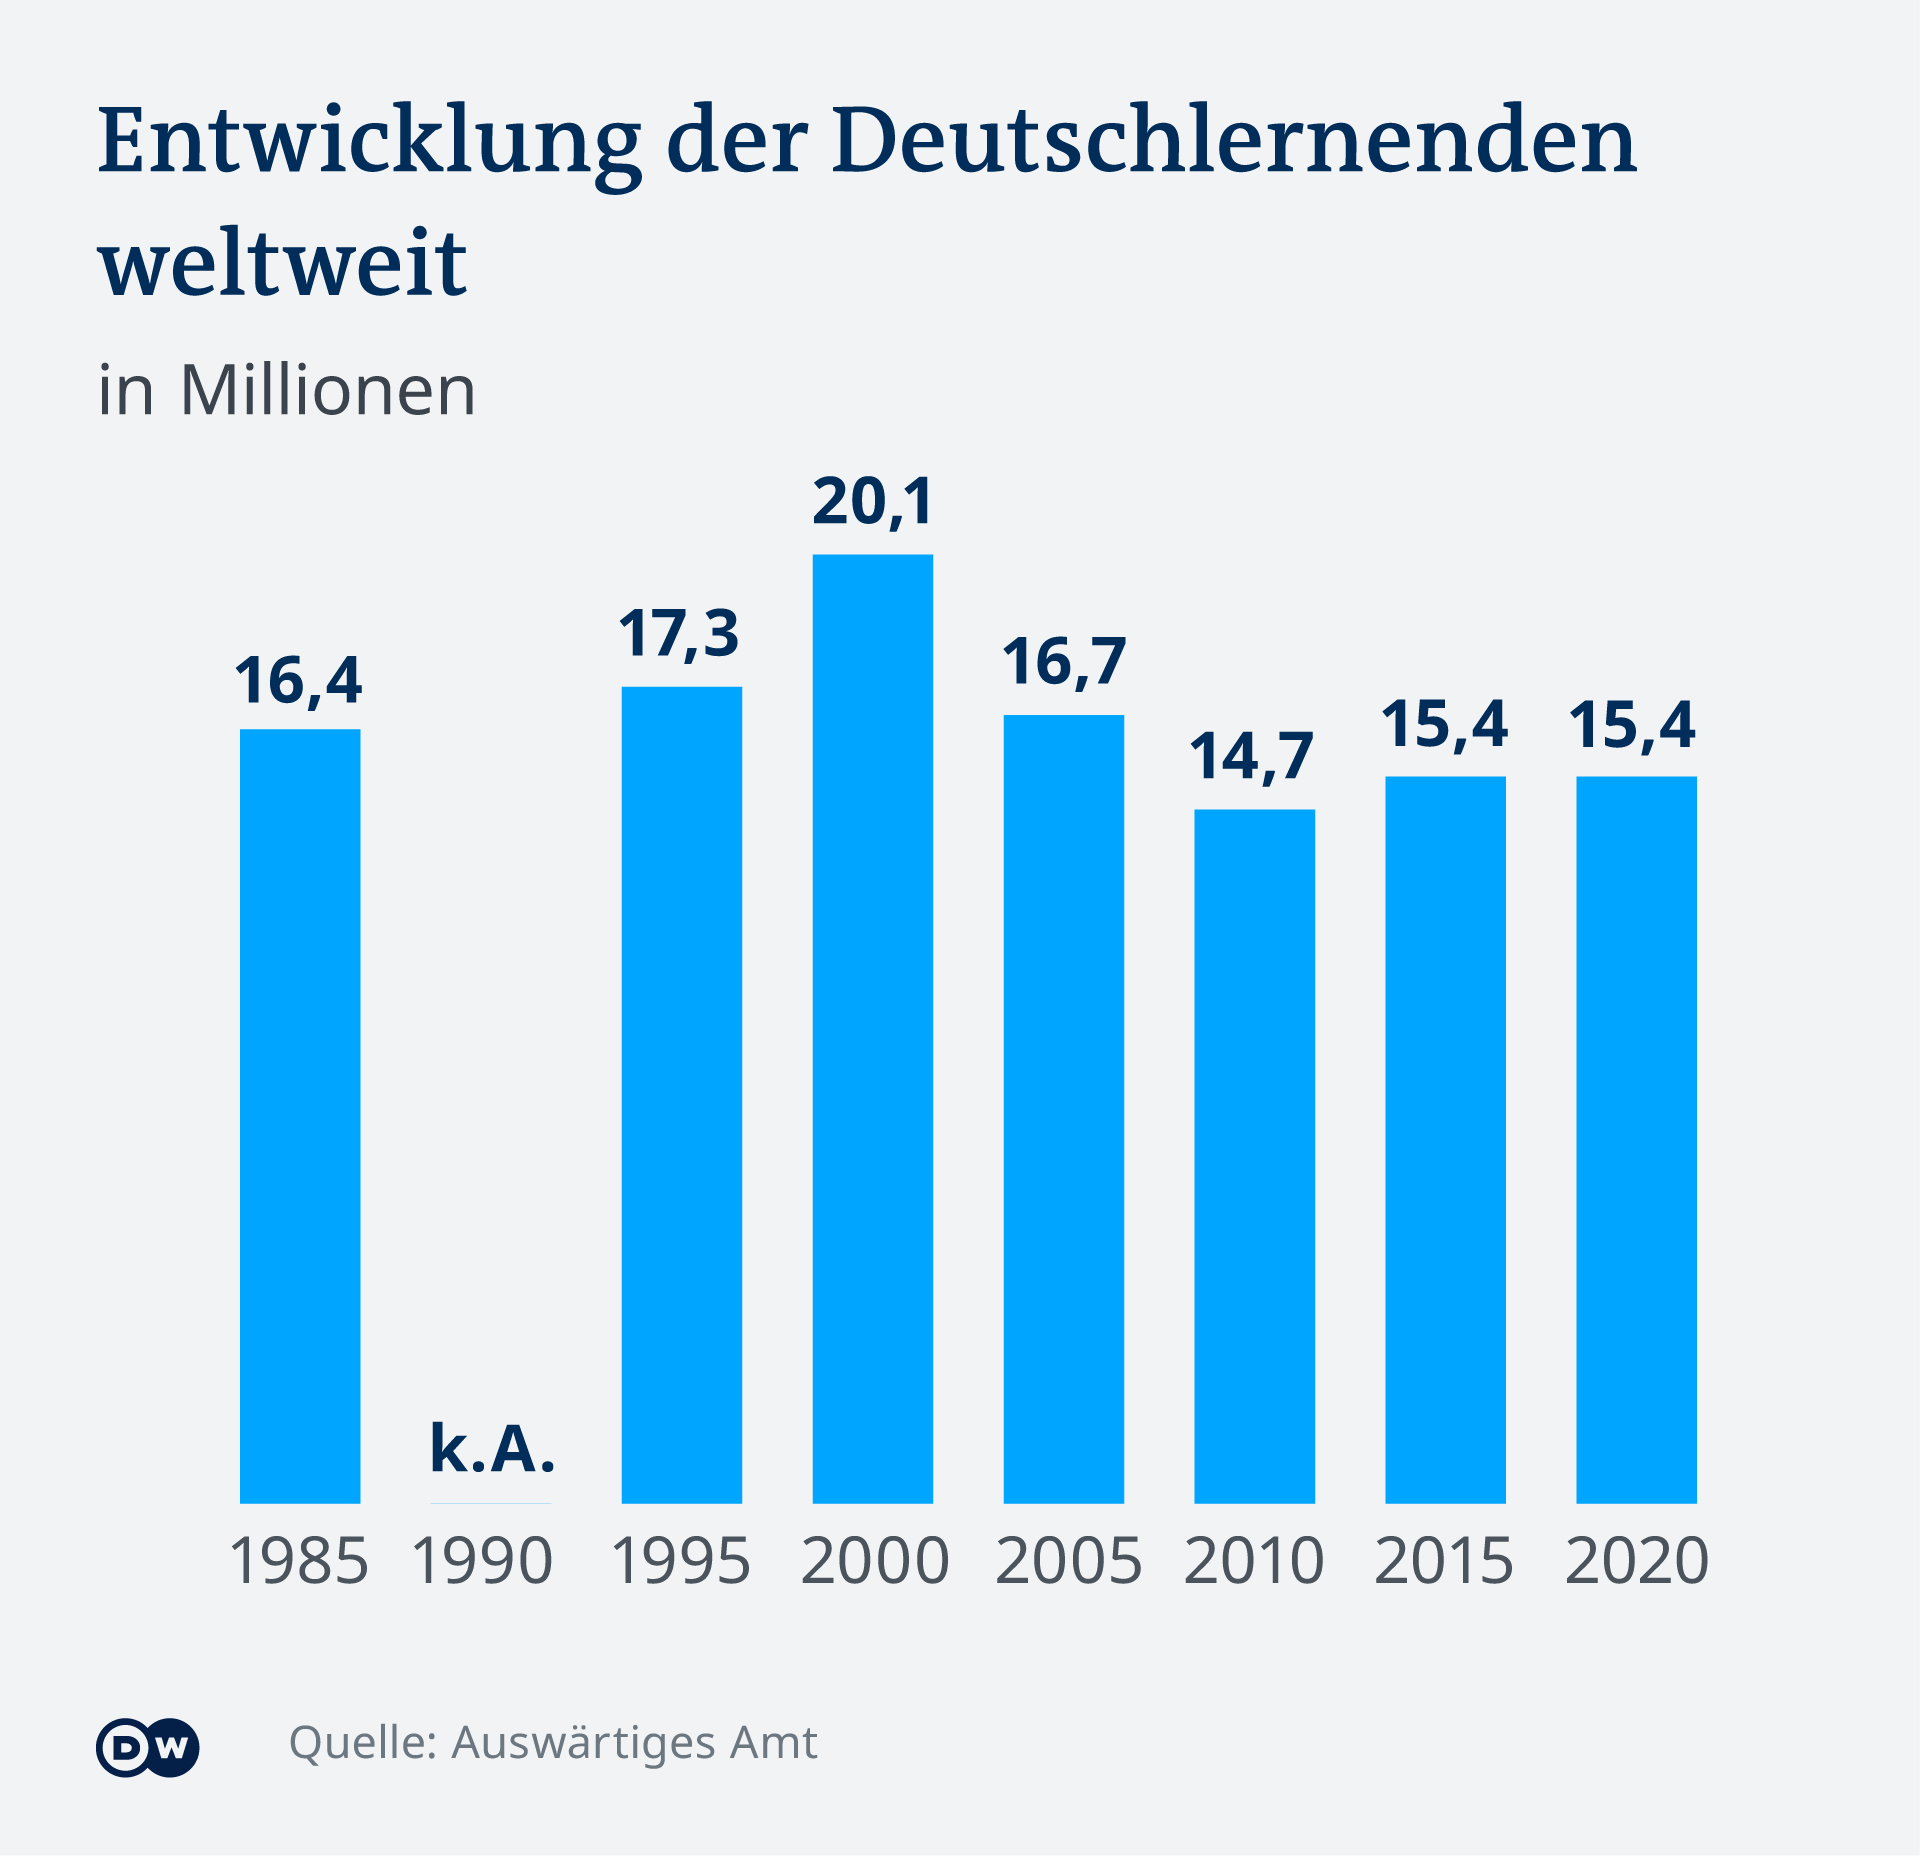 Ein Diagramm zeigt die Zahlen der Deutschlerner weltweit zwischen 1985 und 2020 (Quelle: Auswärtiges Amt)